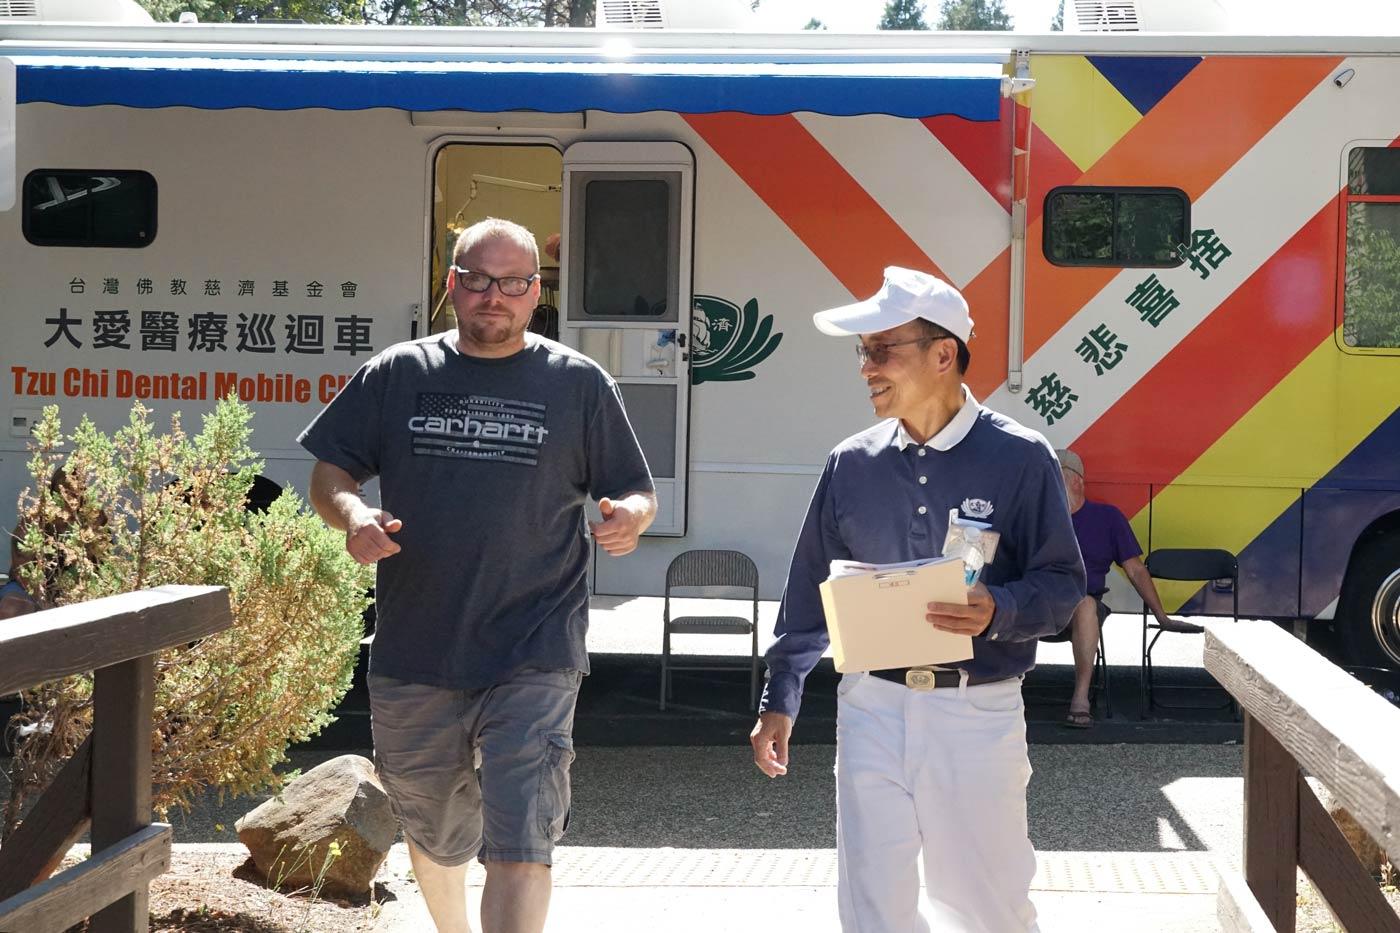 TzuChiUSA_camp-fire-medical-outreach-48361999757_41ef6b4d92_o